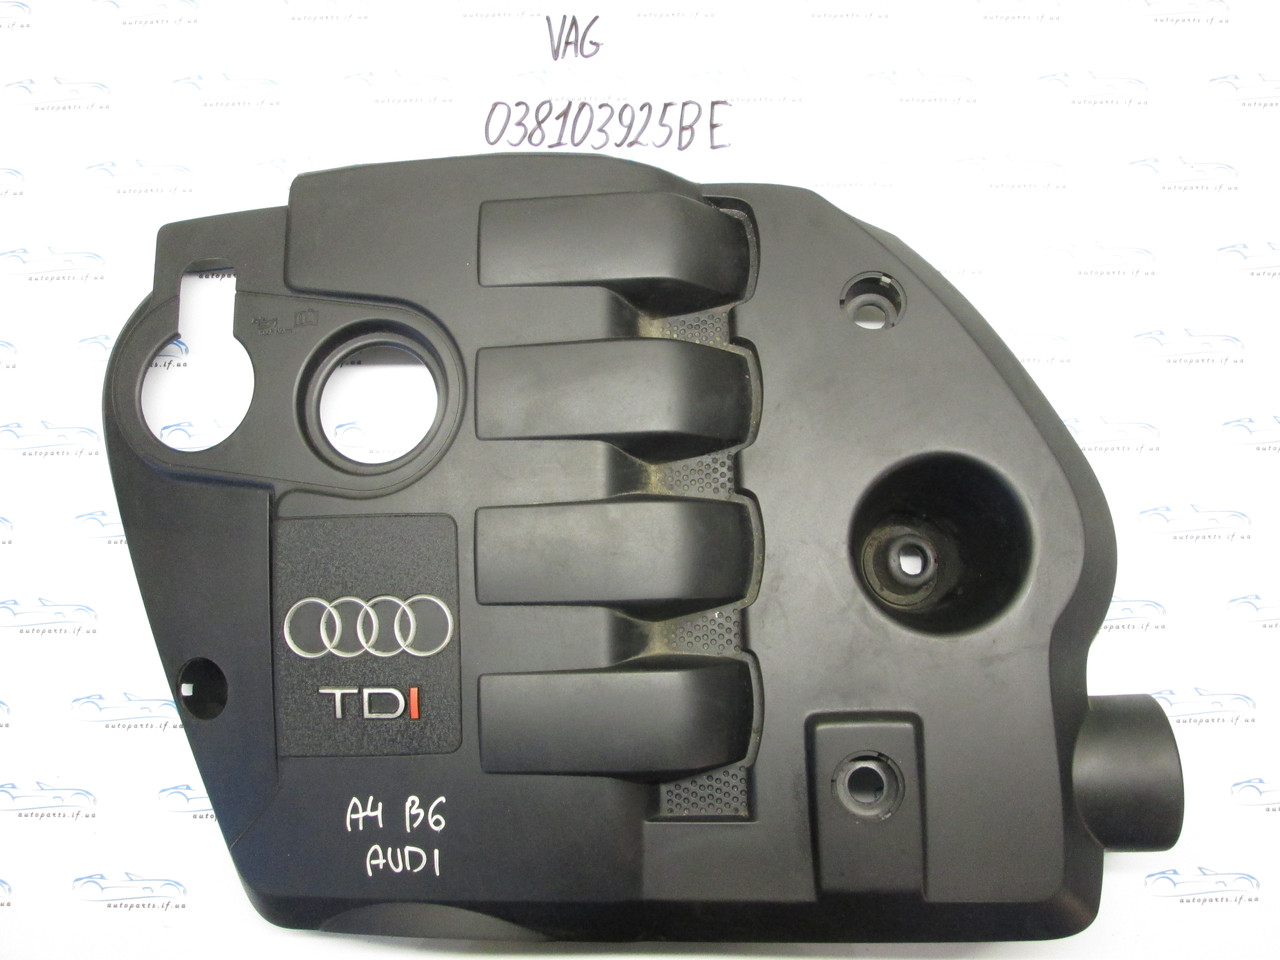 Накладка двигателя декоративная Audi A4 B6 1.9TDI 038103925BE